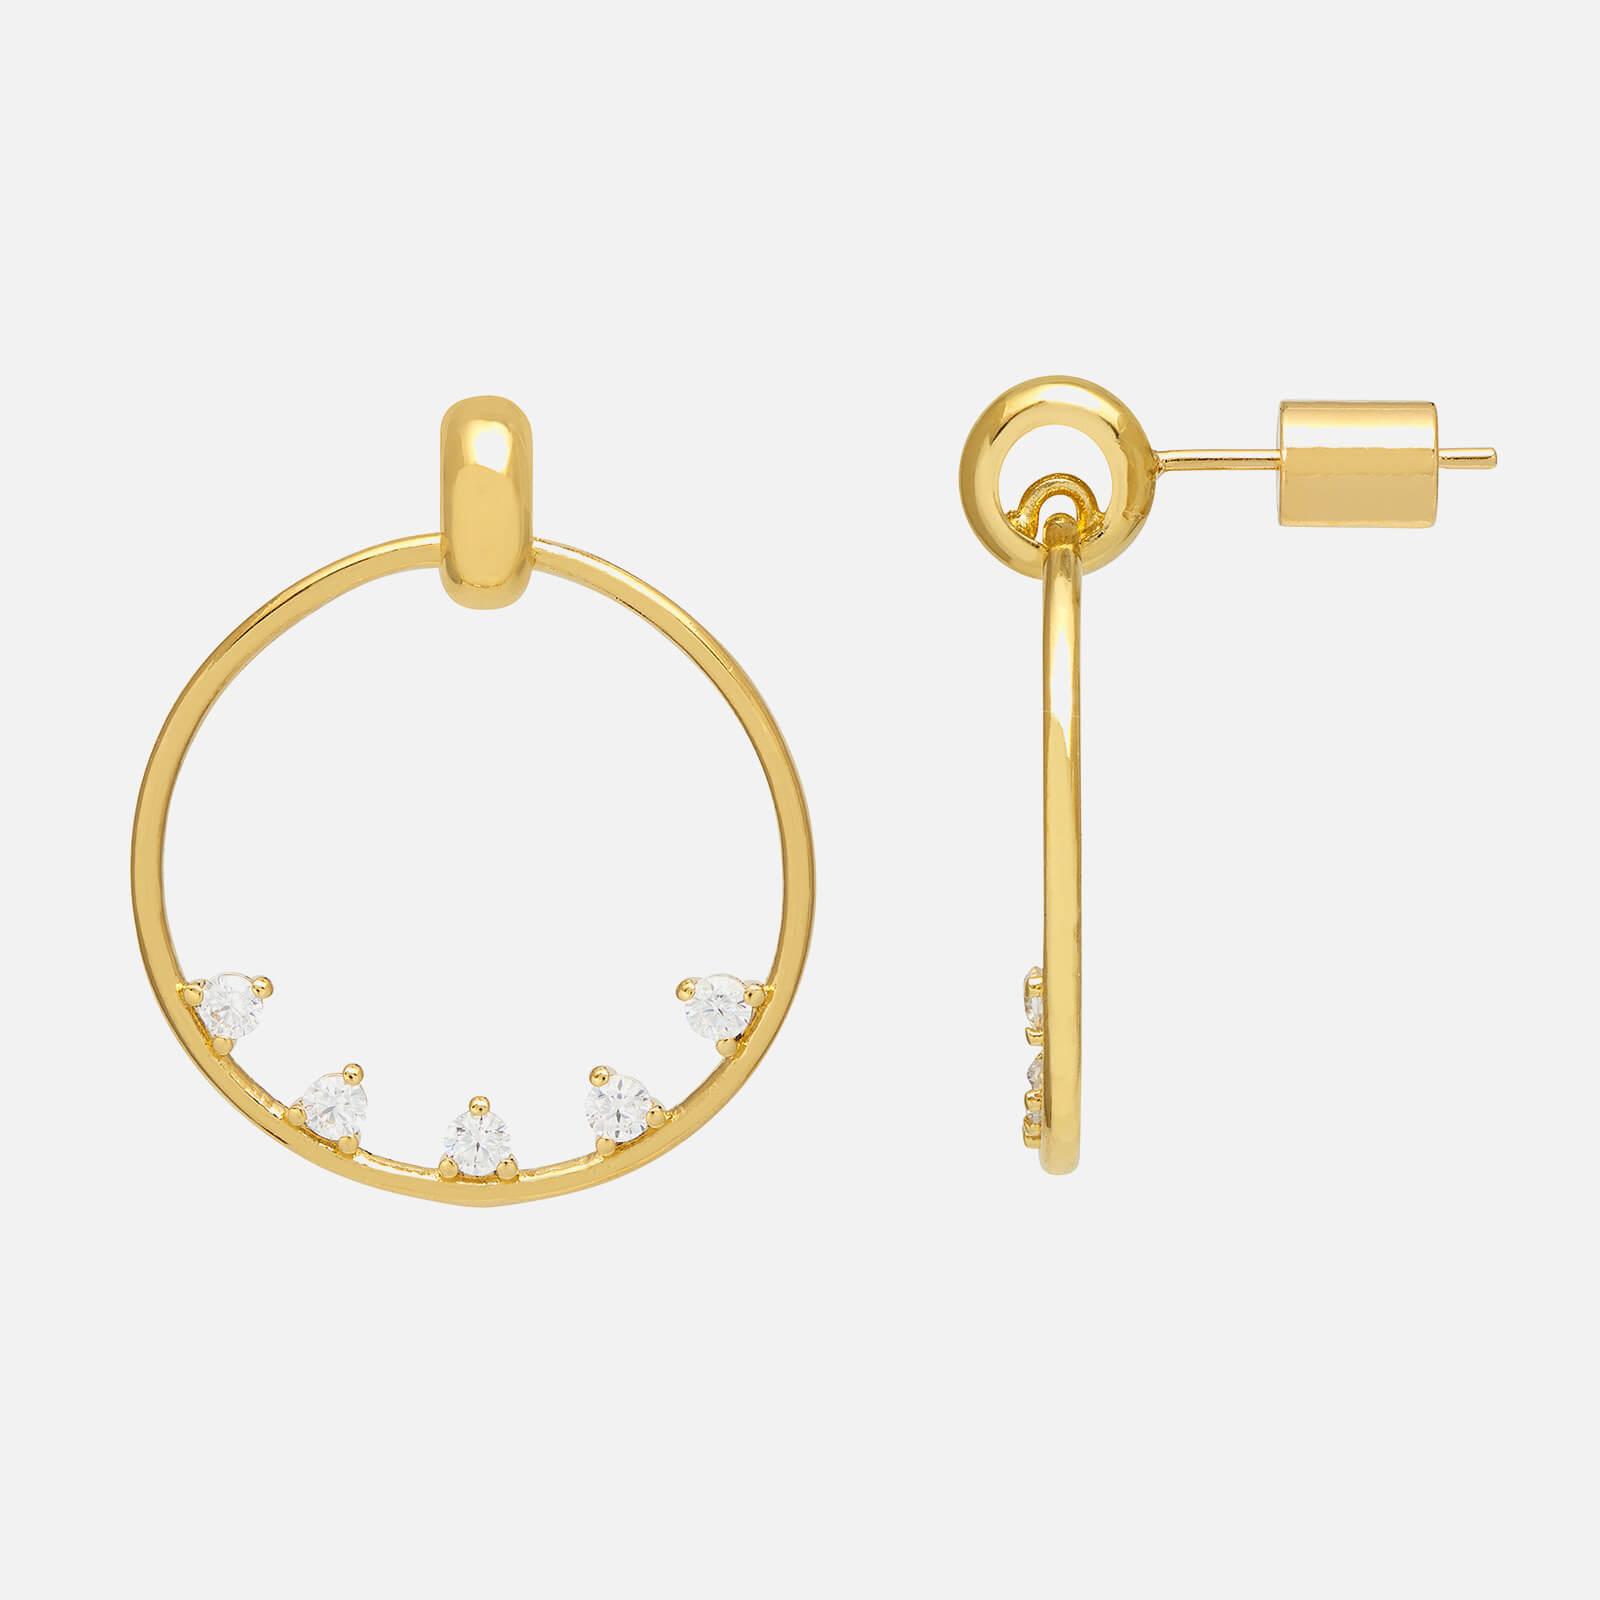 Estella Bartlett Women's Teardrop CZ Circle Earrings - Gold Plate